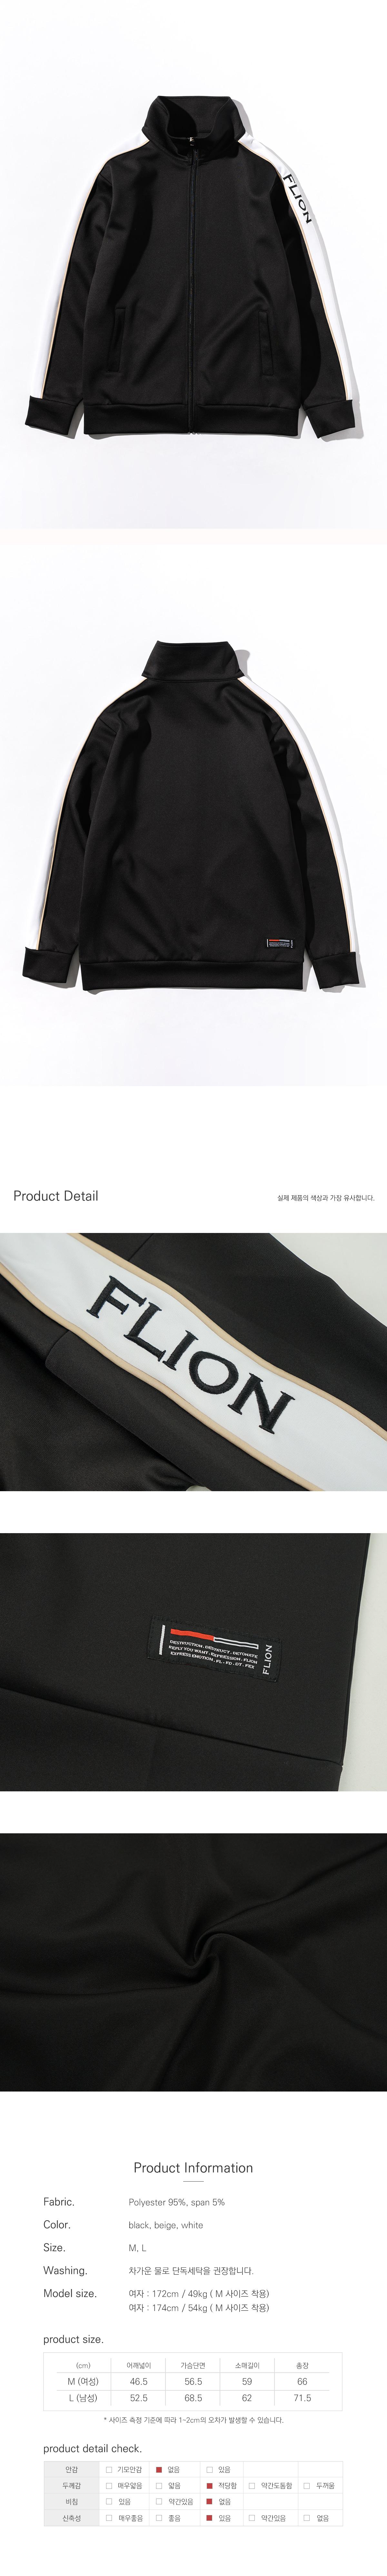 플리온(FLION) 더블 라이닝 트랙 탑 - 블랙